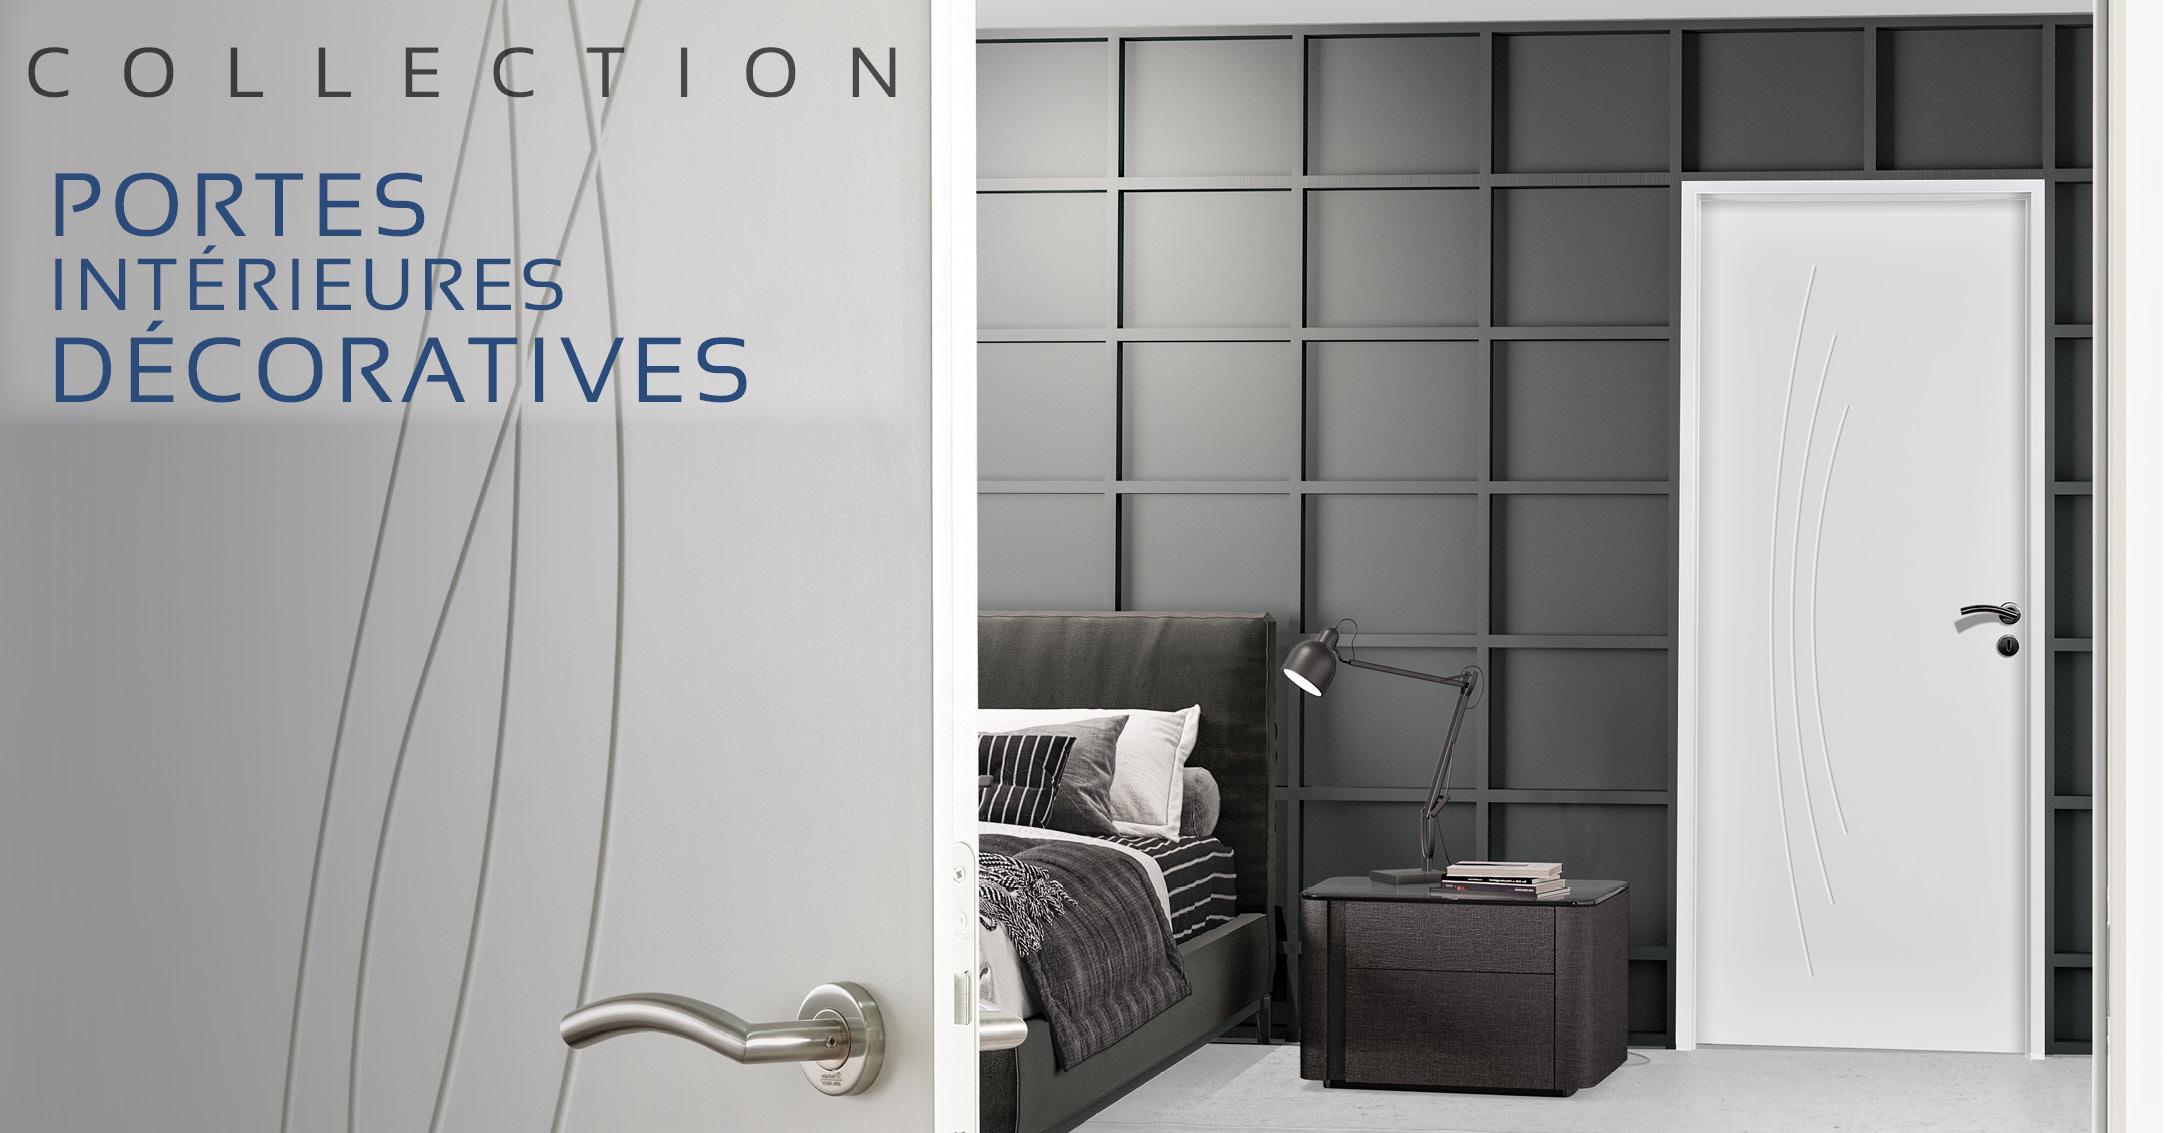 Portes intérieures décoratives HUET : nouvelle collection 2021